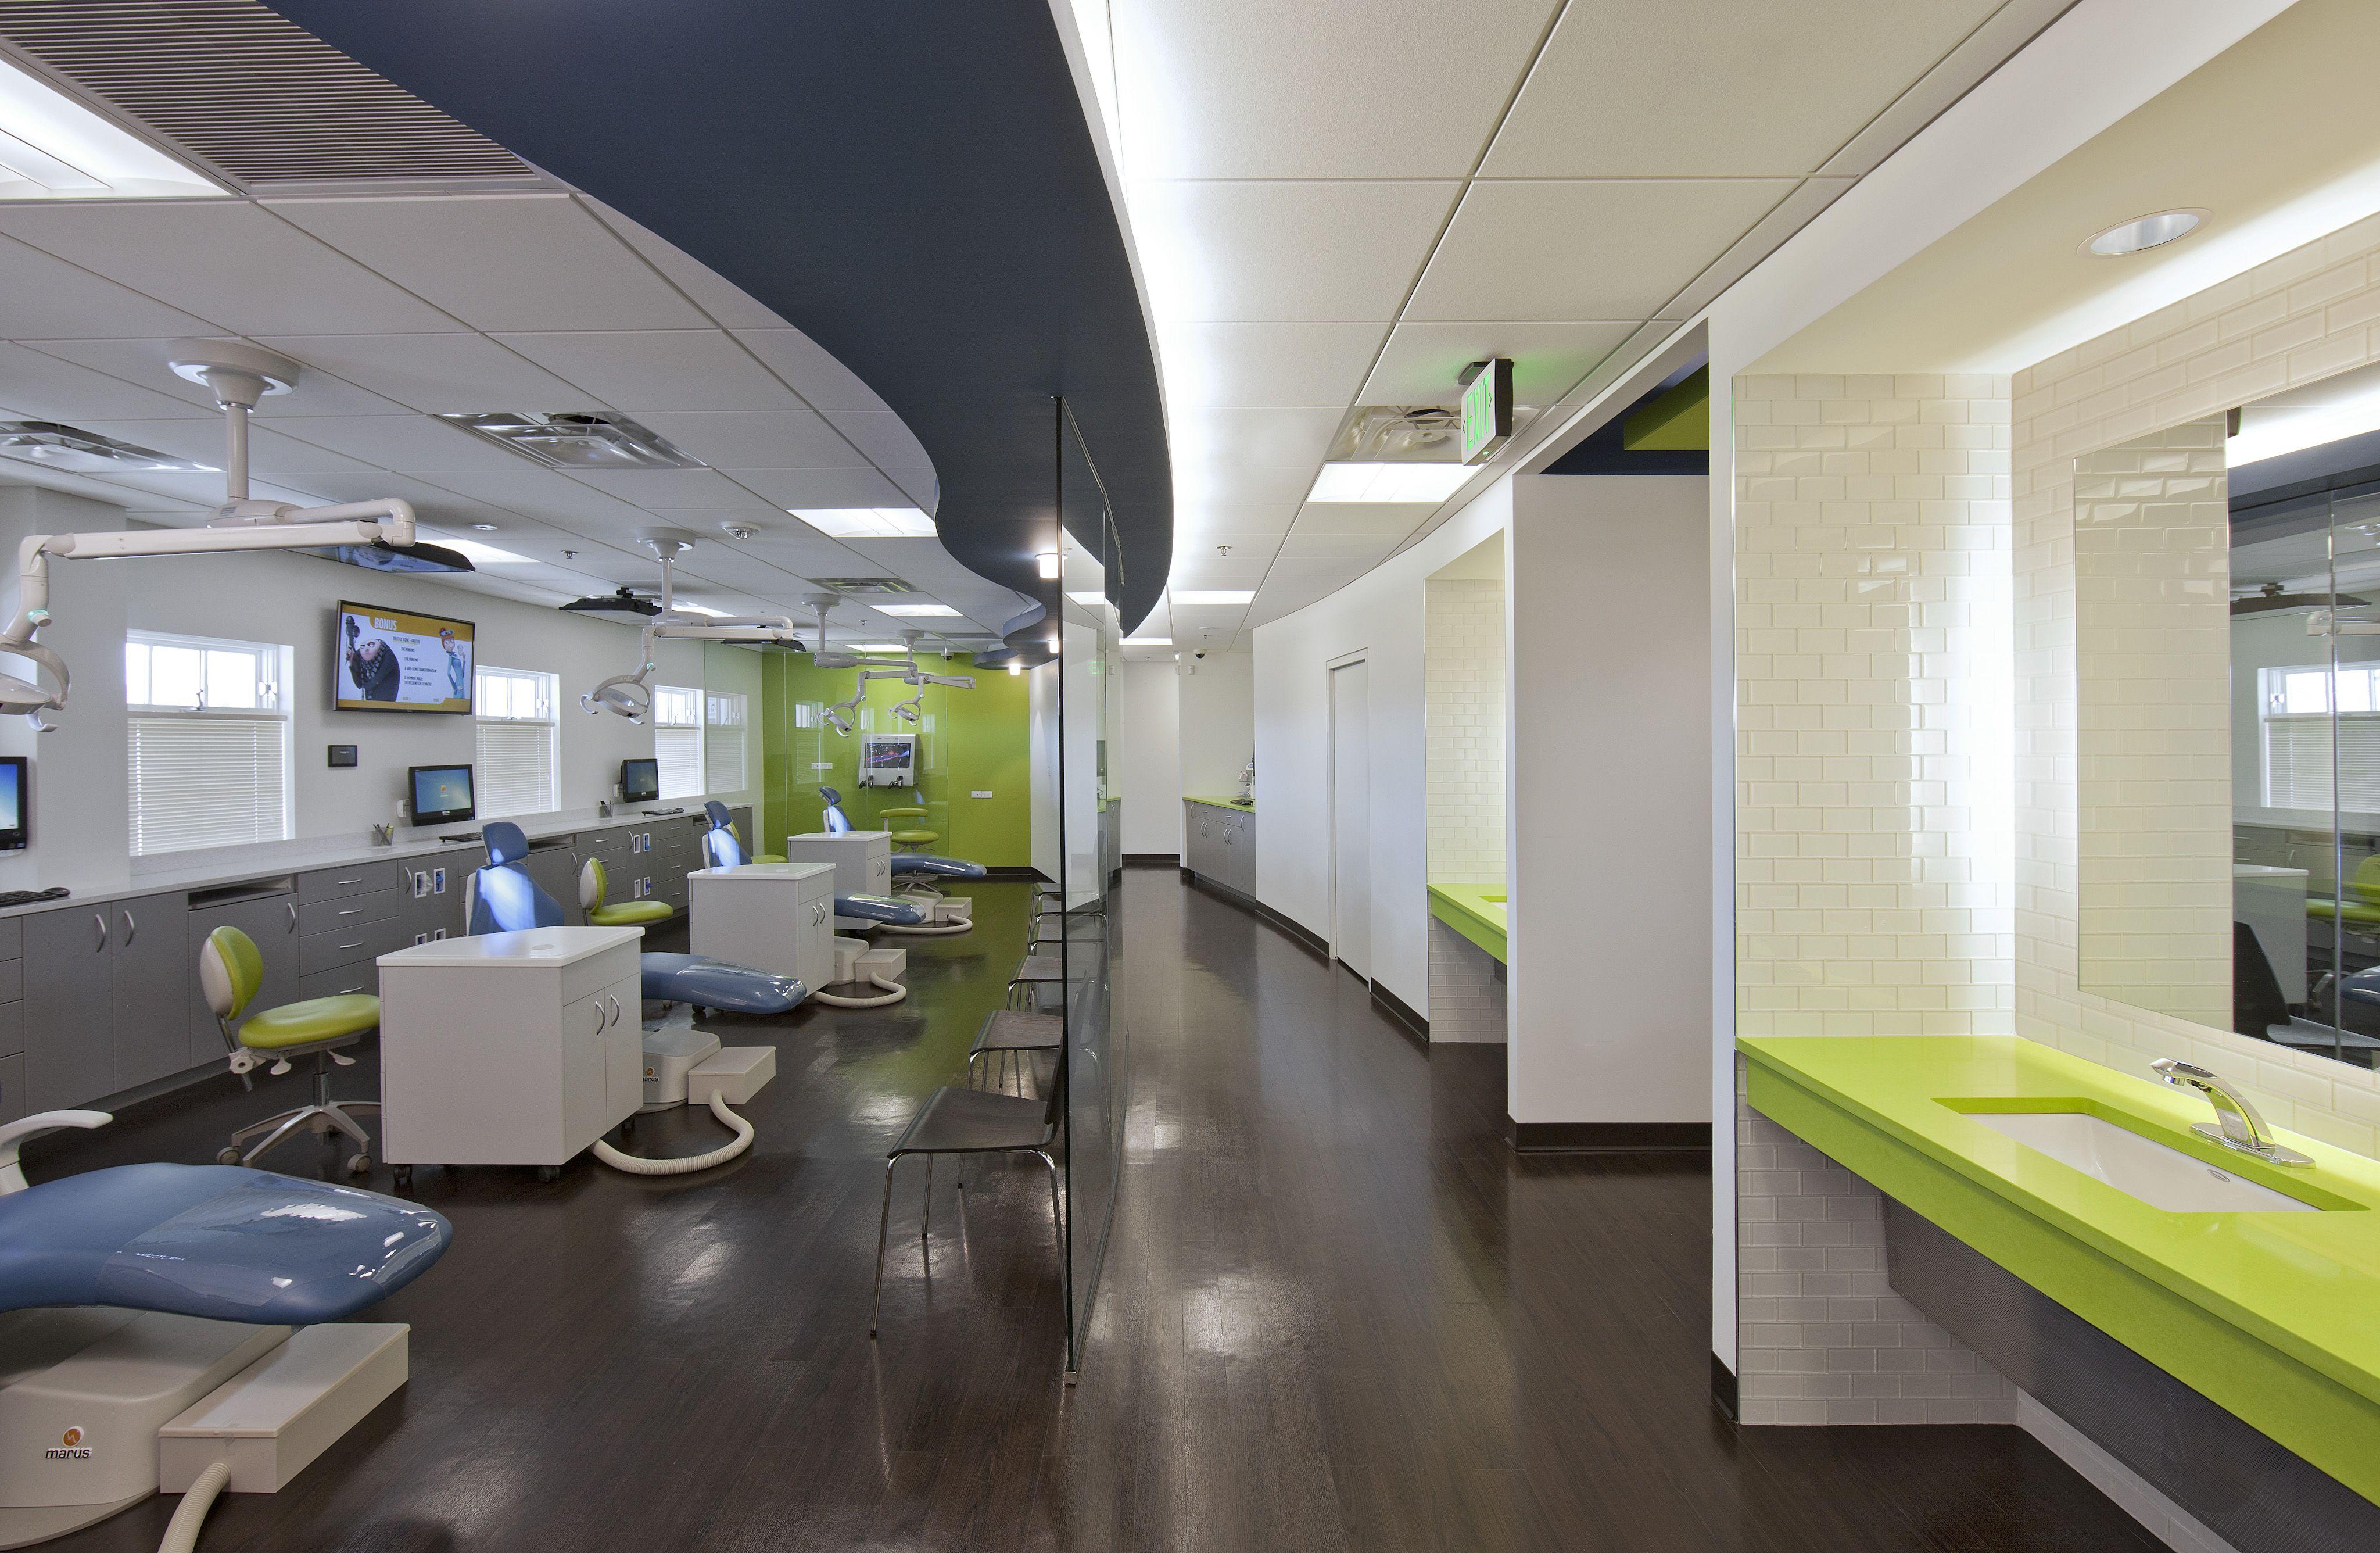 dental office colors. Dark Floors And Pop Colors In Room Dental Office